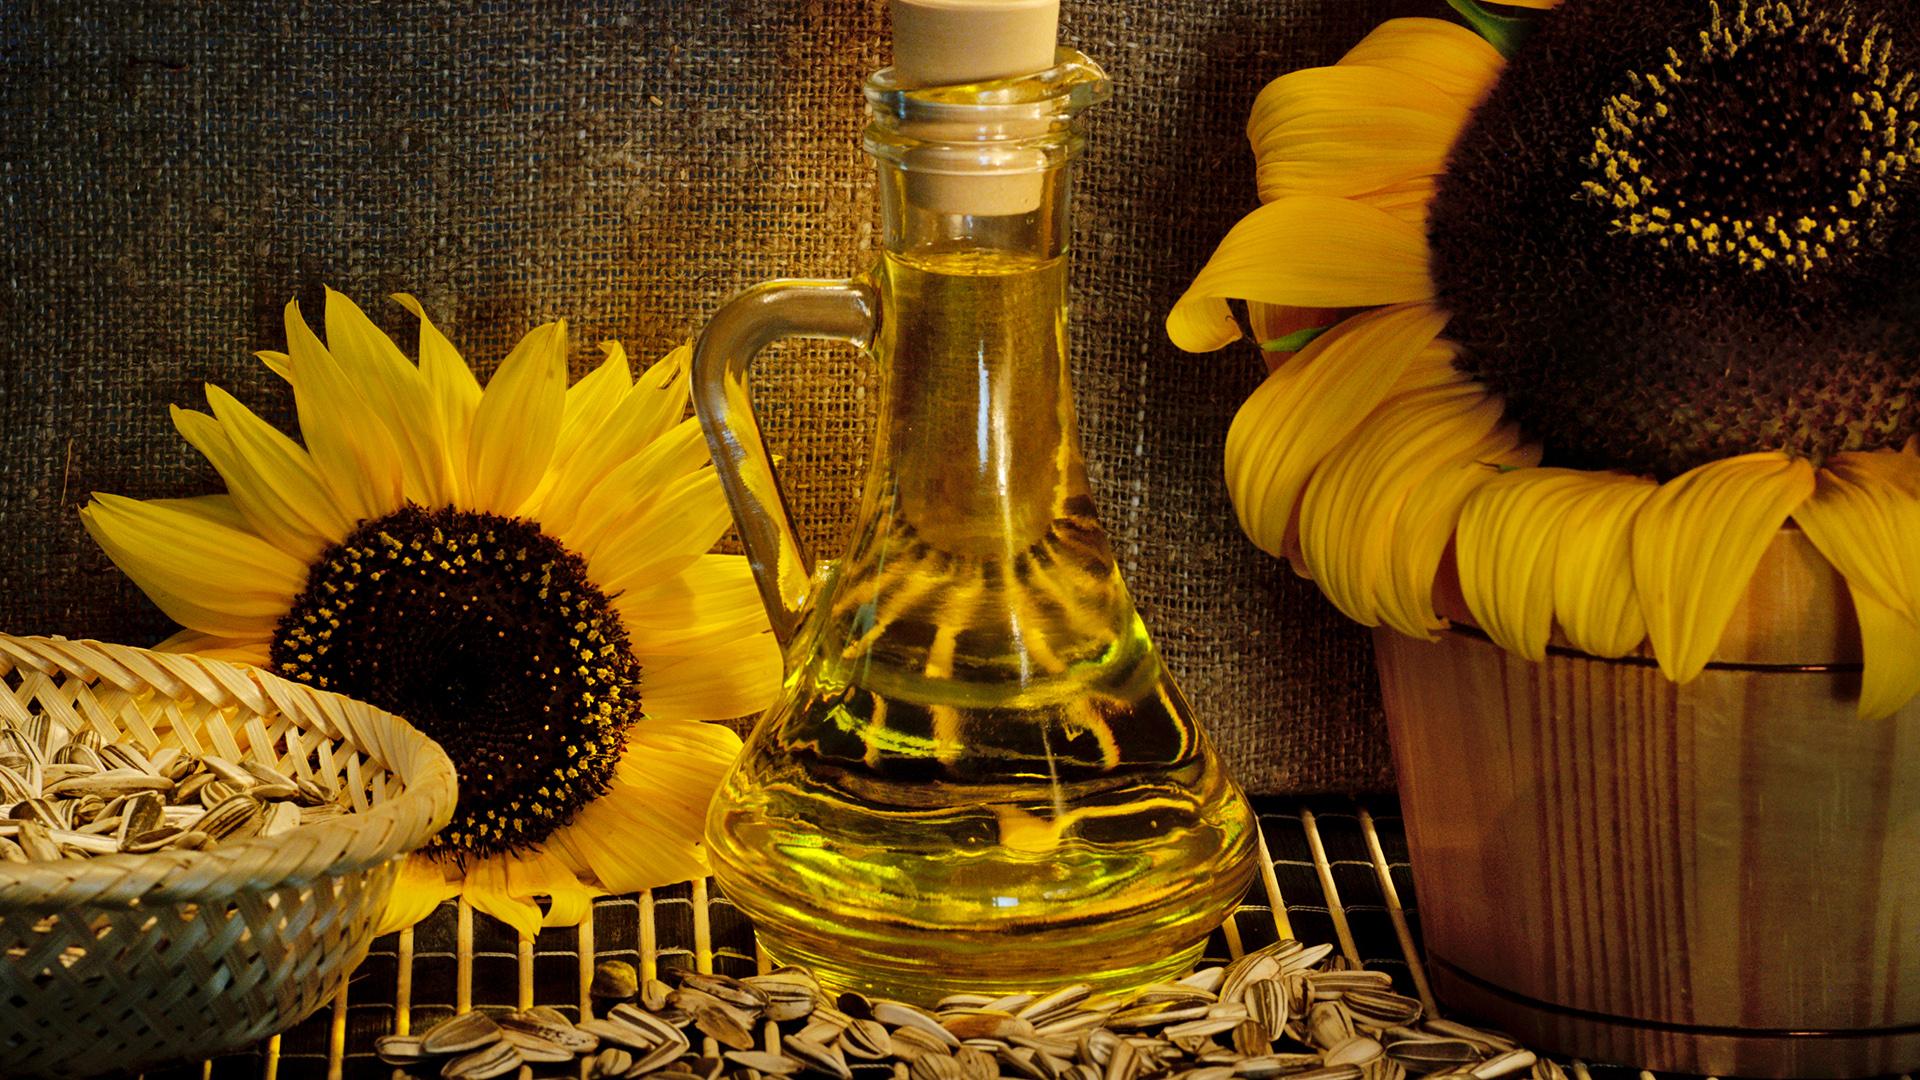 tratament comun cu ulei de floarea soarelui)